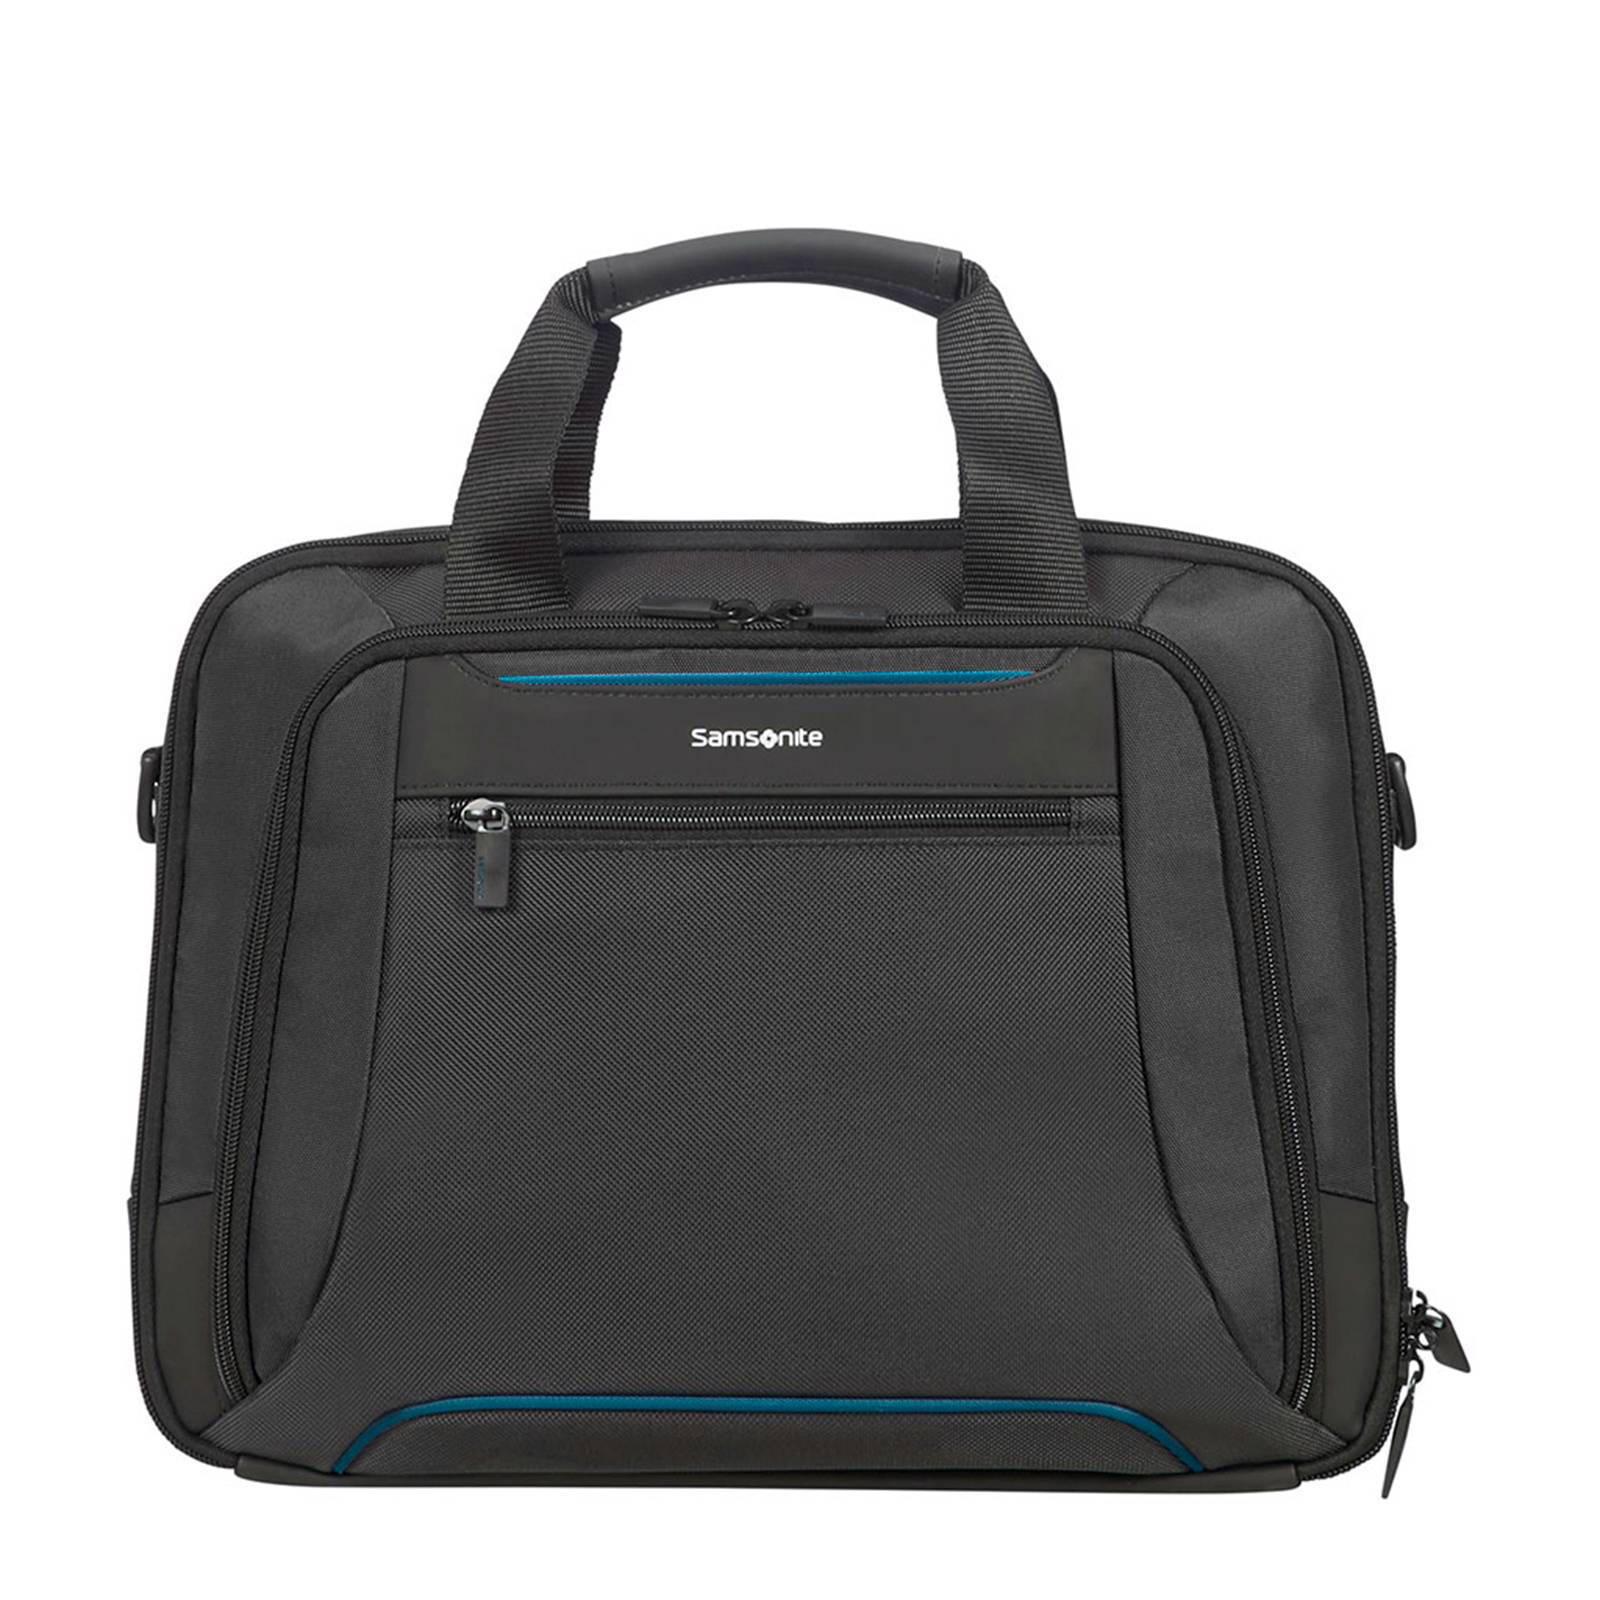 6598fd06f81 Samsonite laptoptas 14 inch laptoptas   wehkamp